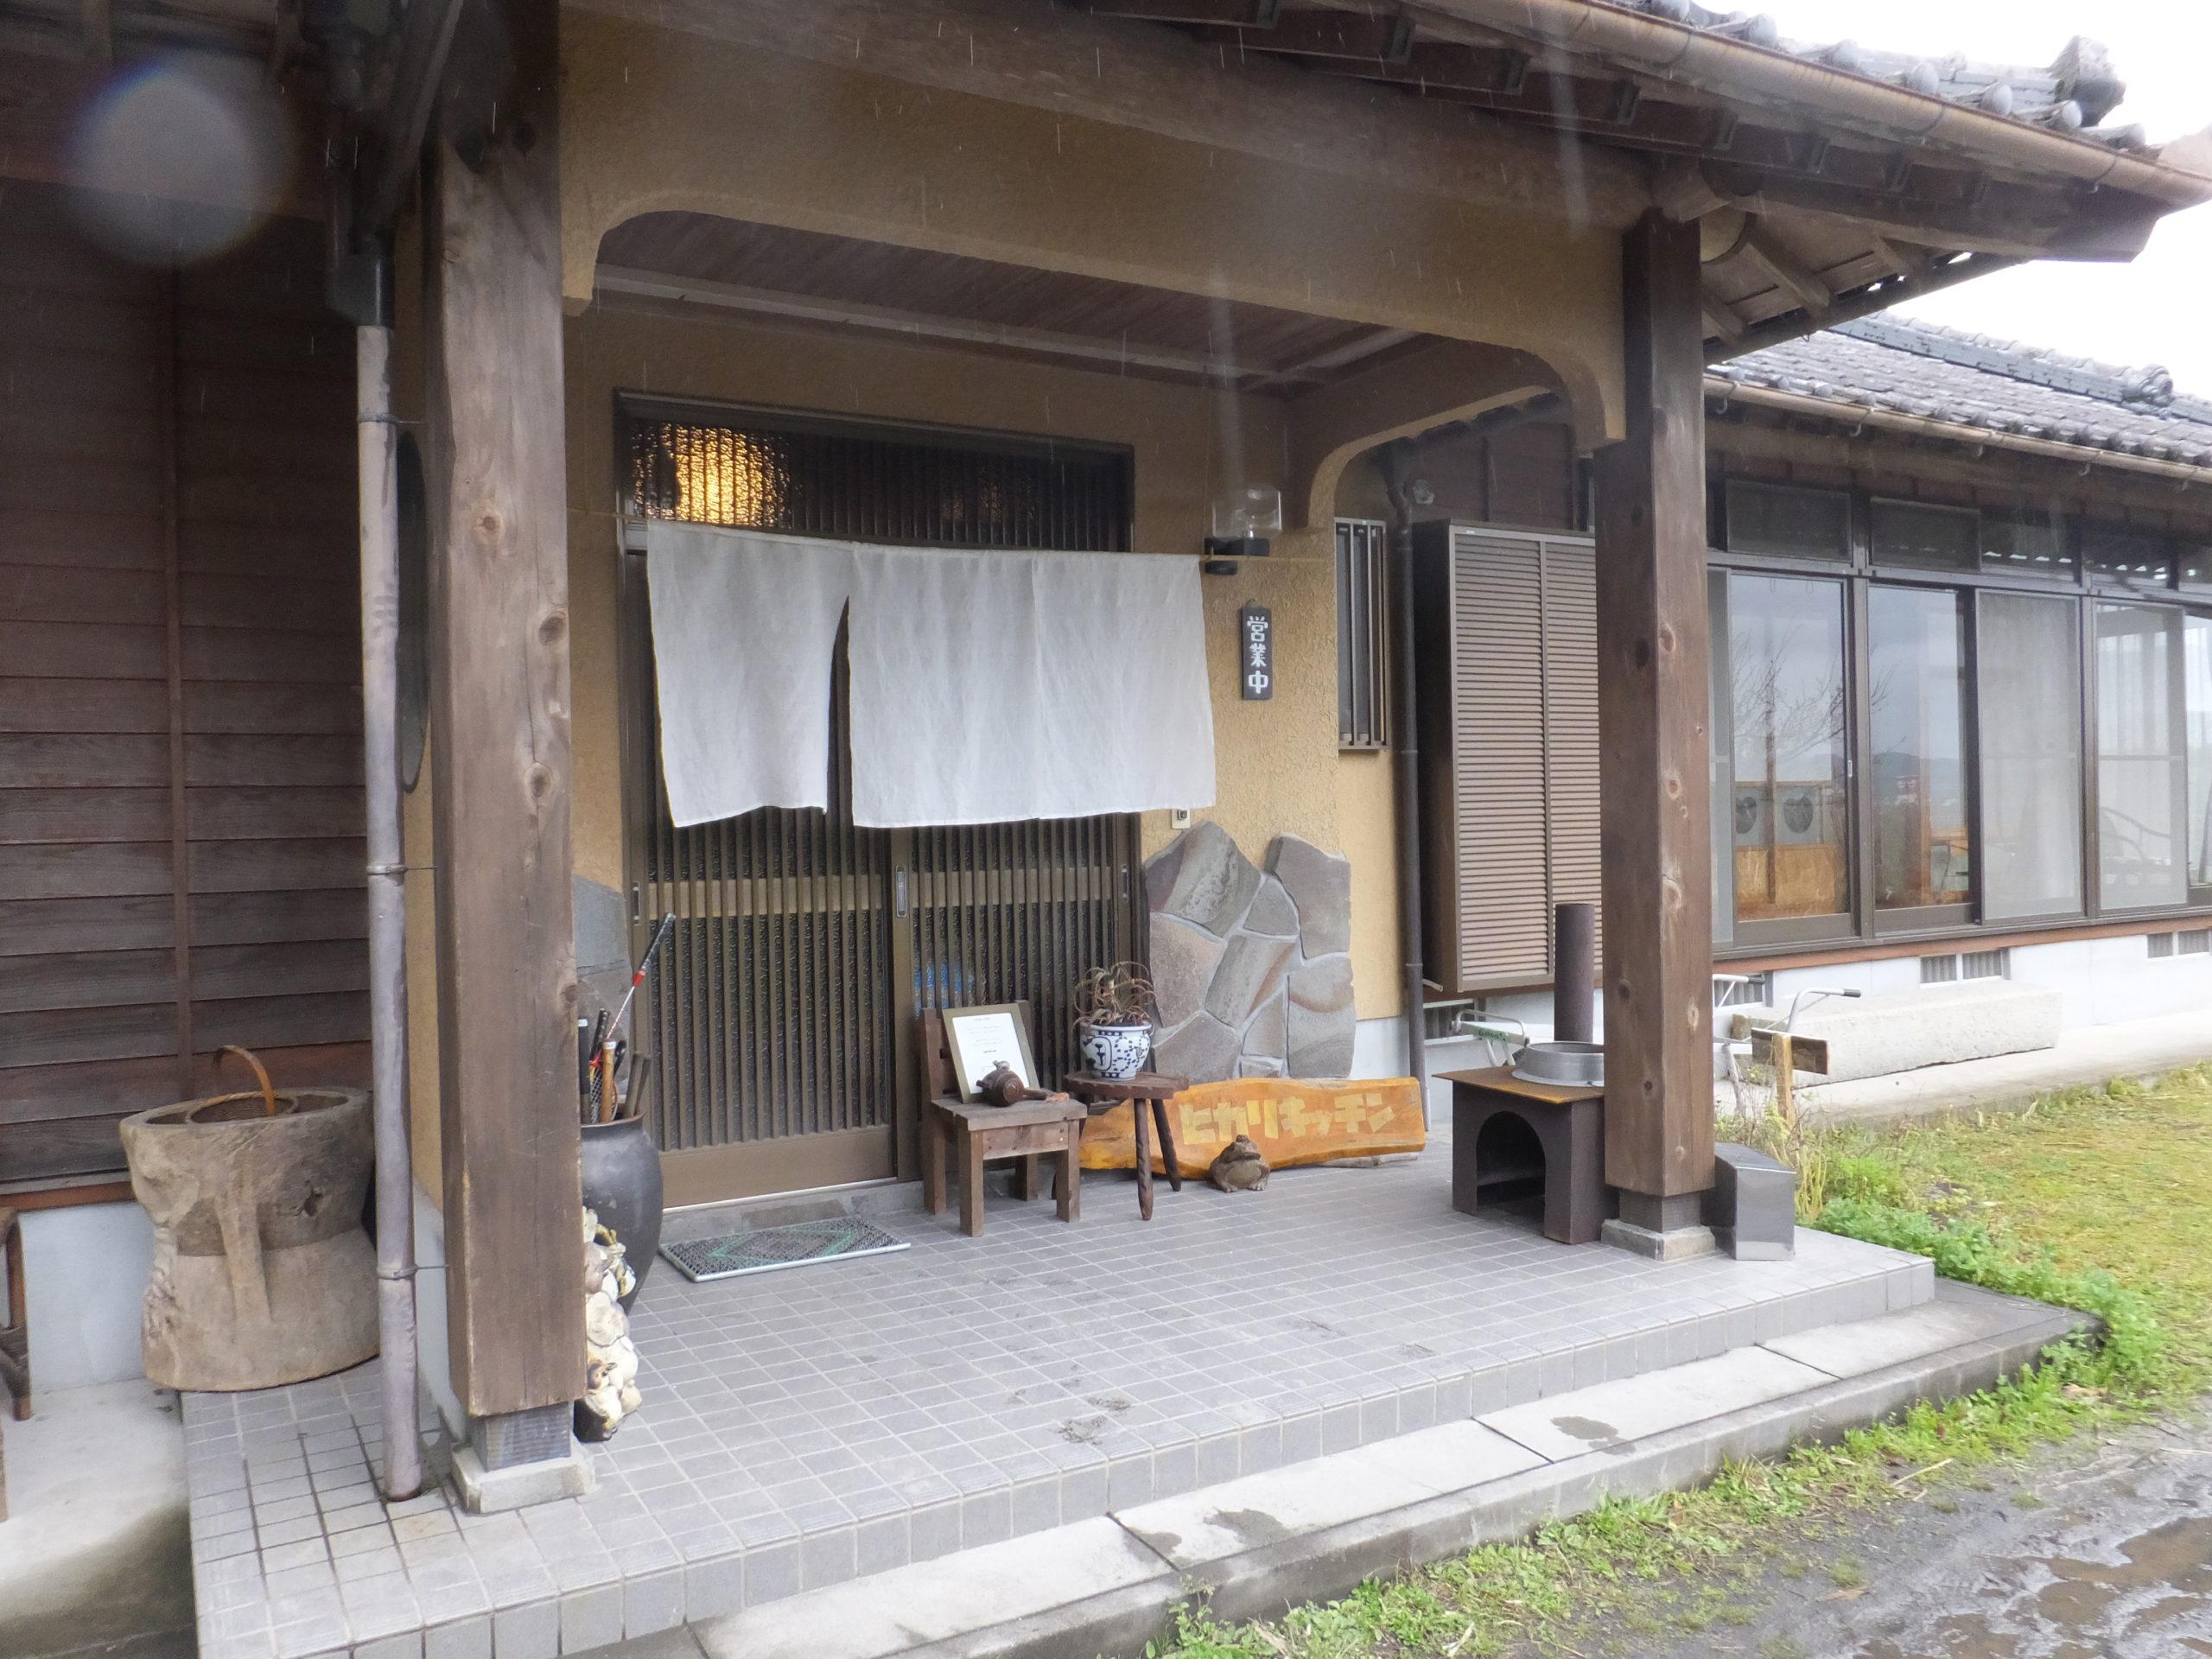 ヒカリキッチン(カフェ/ランチ)